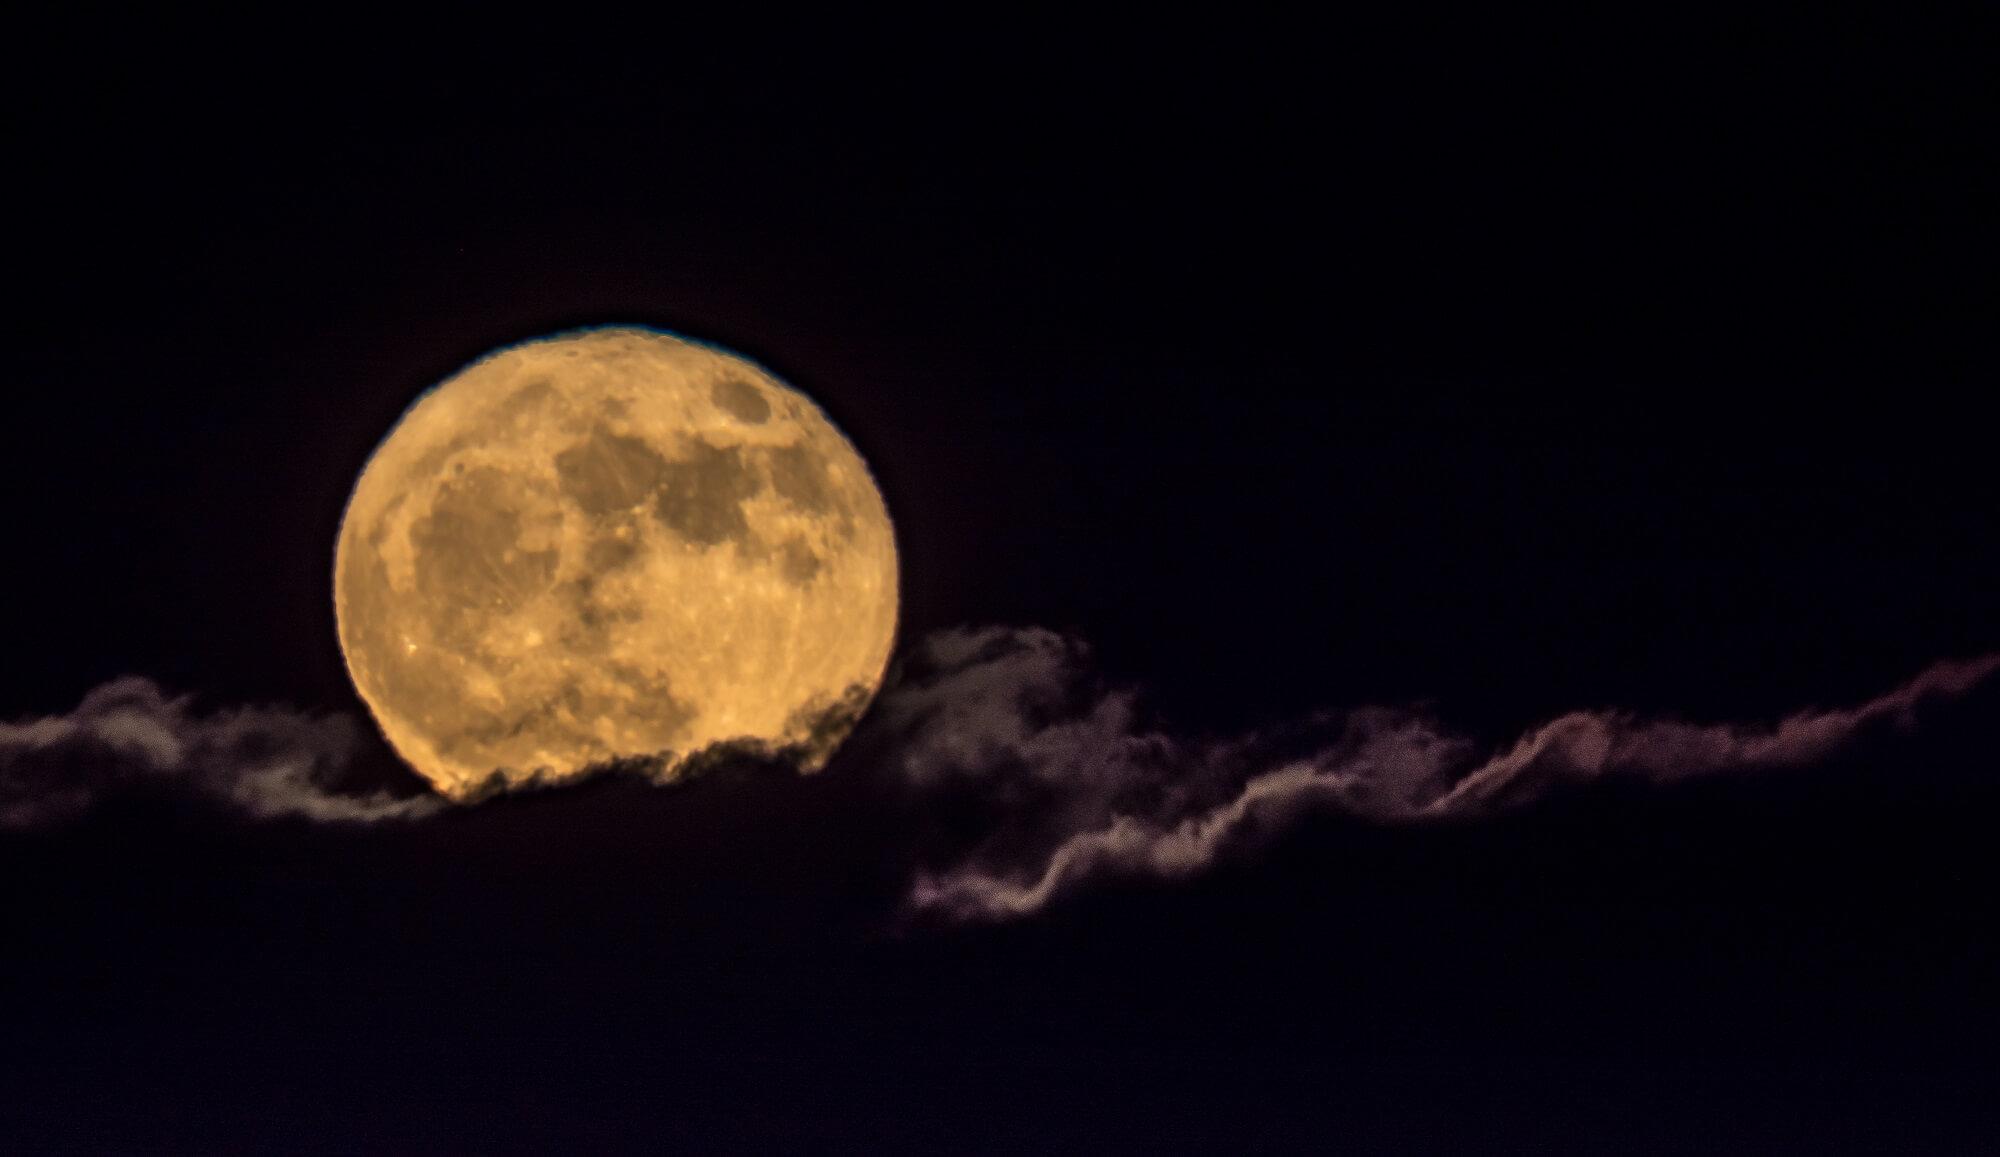 Llega la superluna de sangre y luna azul este 31 de enero for Que luna tenemos hoy